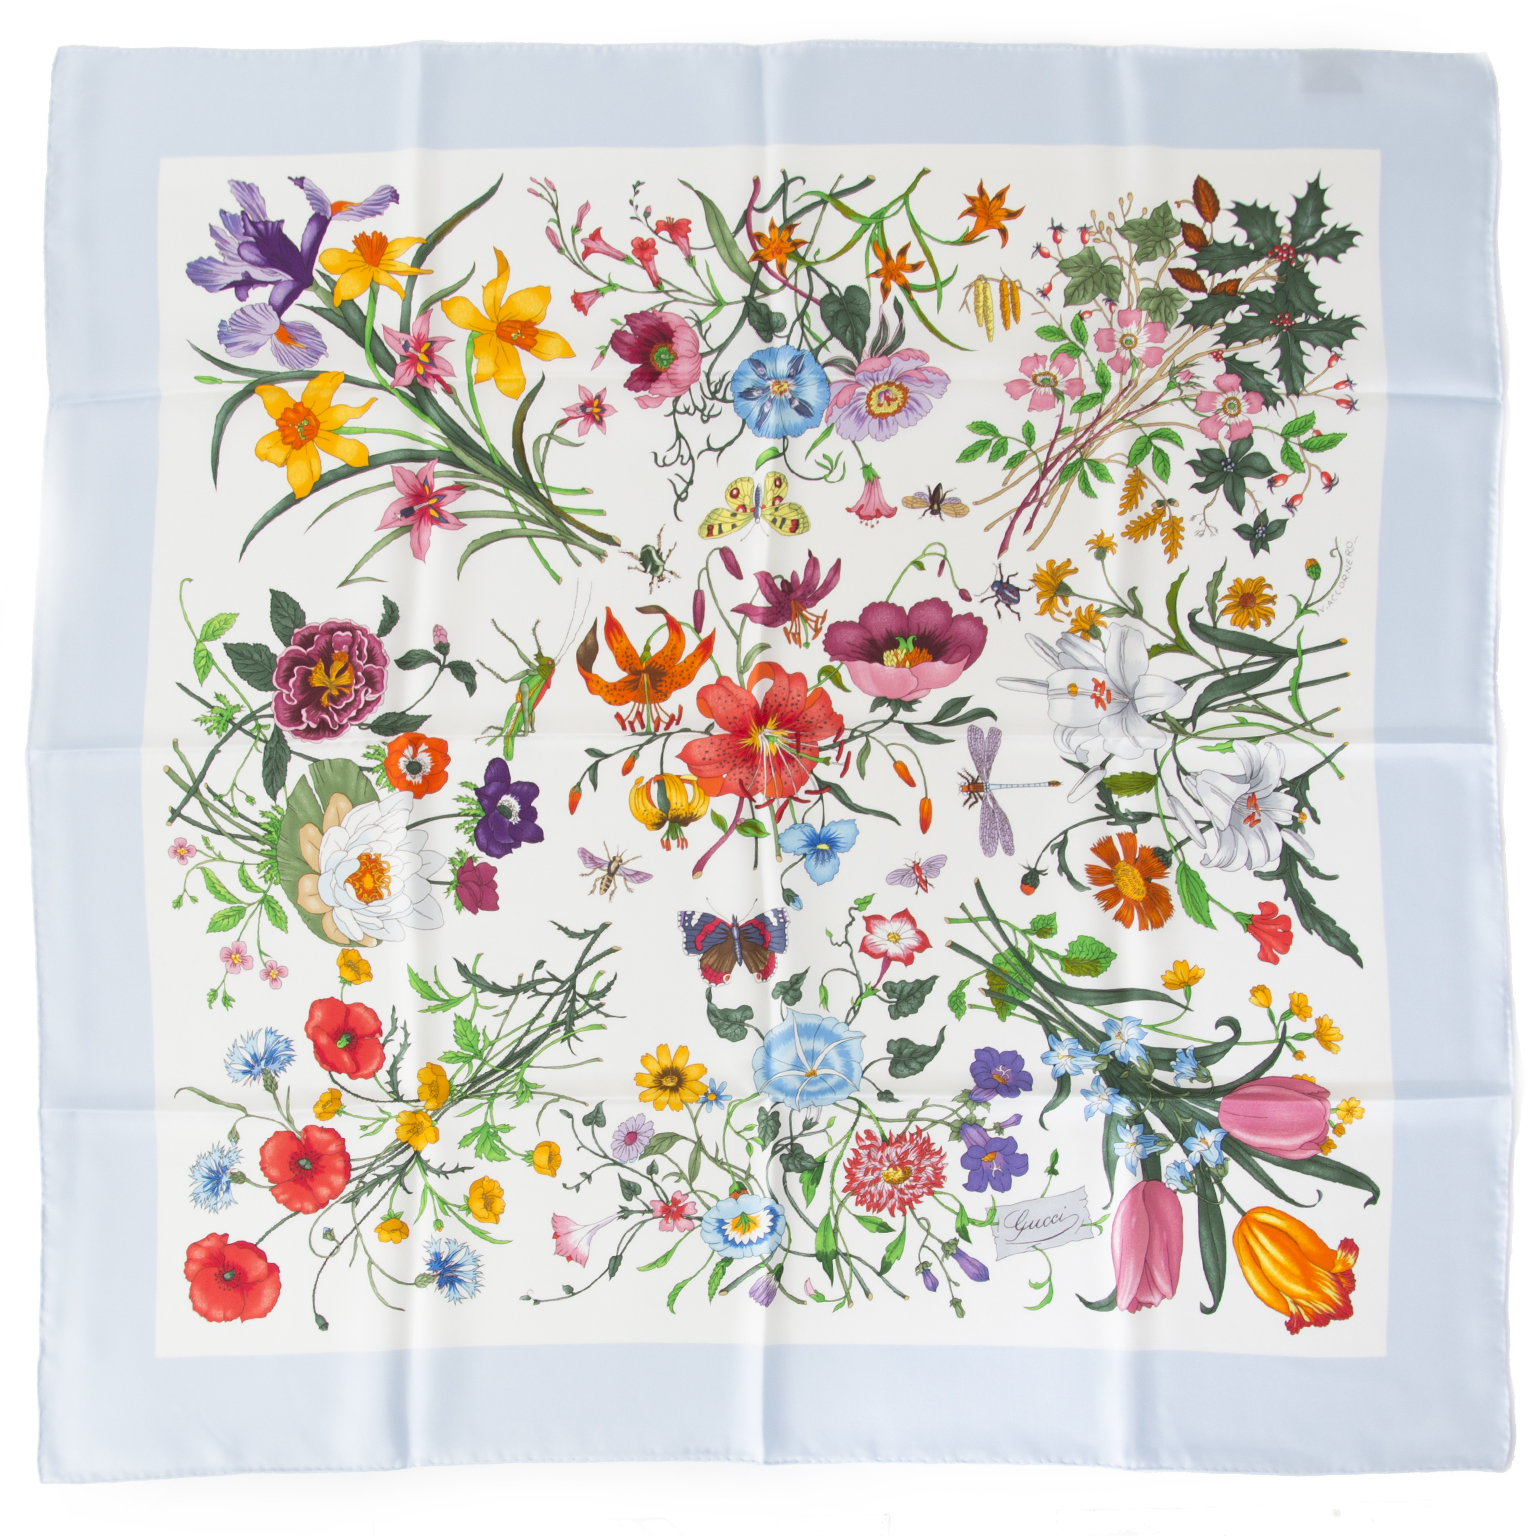 Prachtige Gucci zijden sjaal met bloemenmotief aan de beste prijs bij Labellov online shop Antwerpen